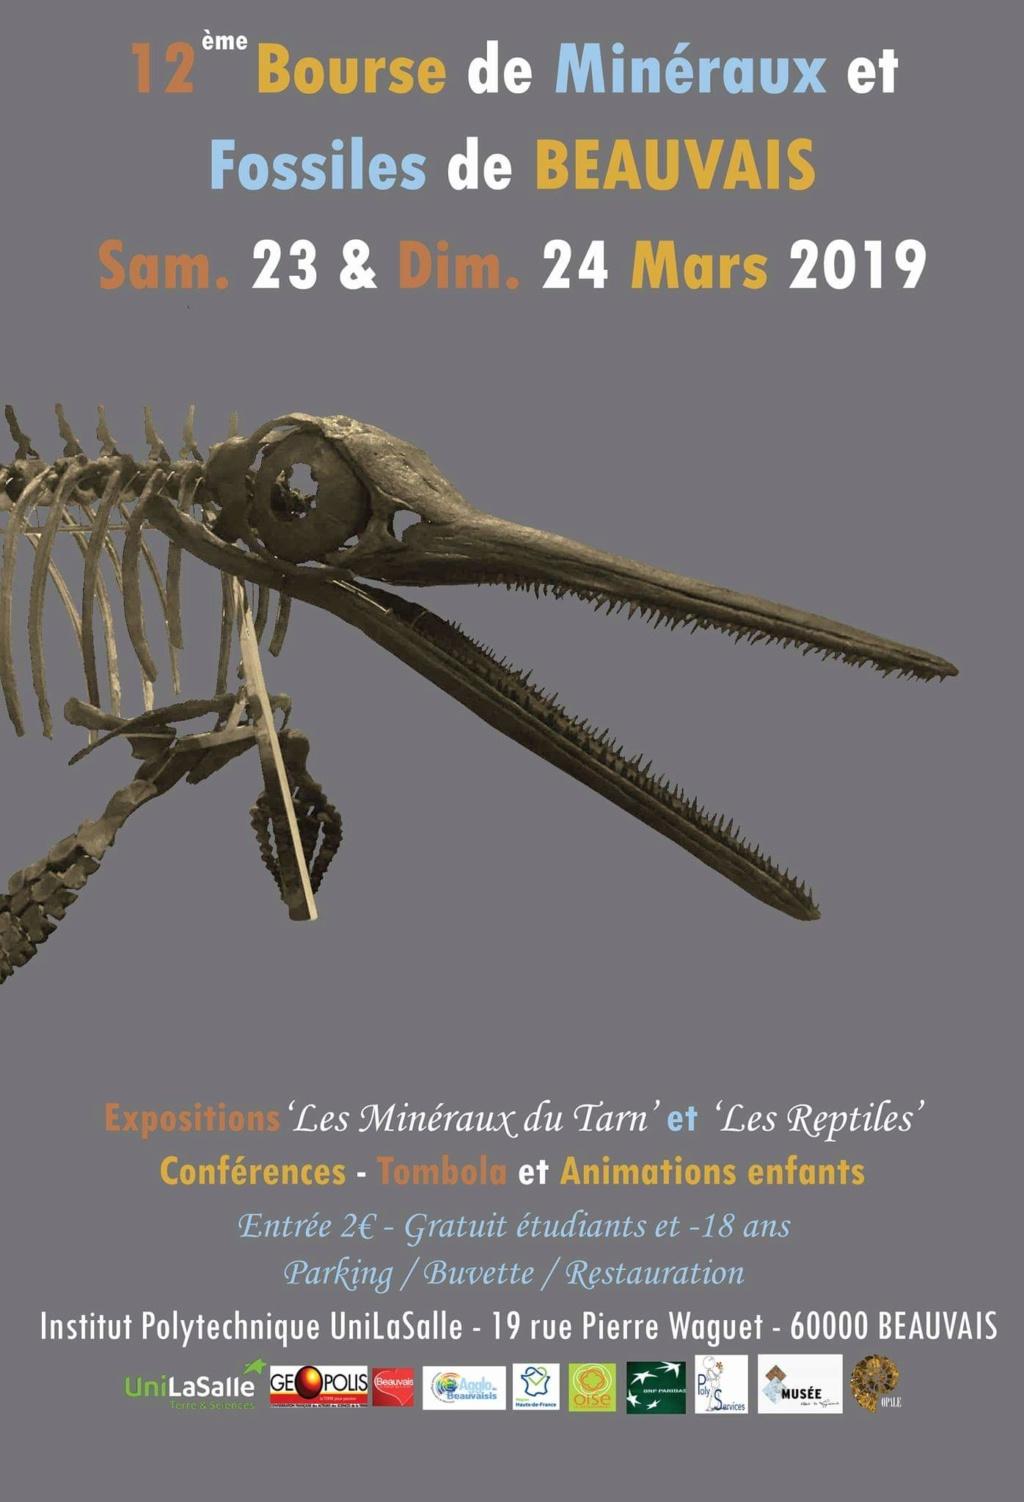 Ferias y eventos de Marzo 2019 - Página 2 Fb_im239